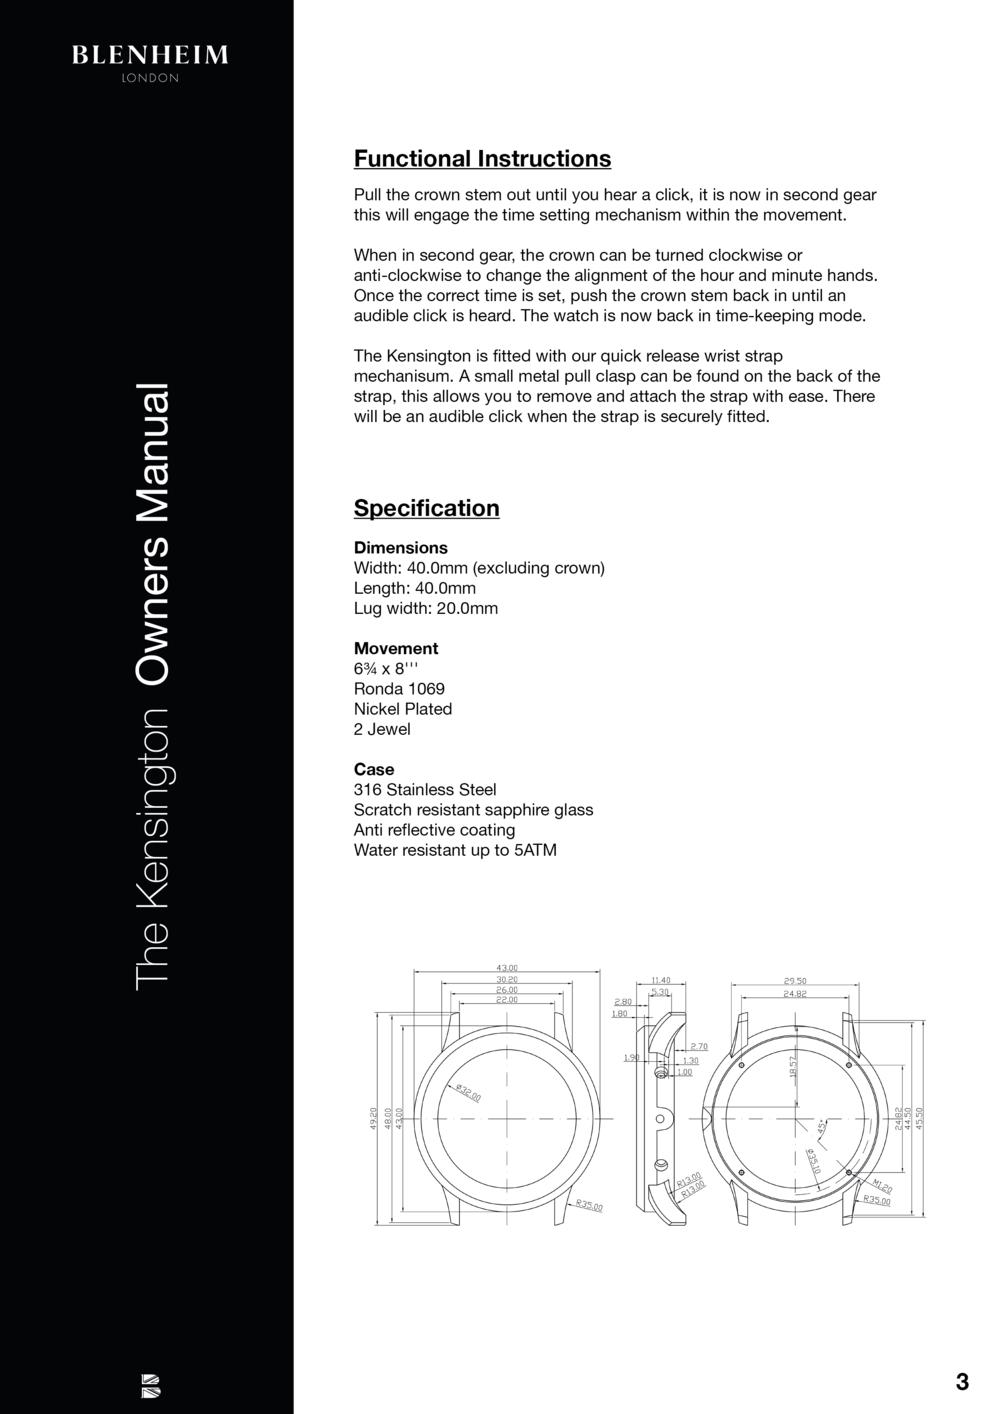 blenheim owner manualtester-02-01-03.png